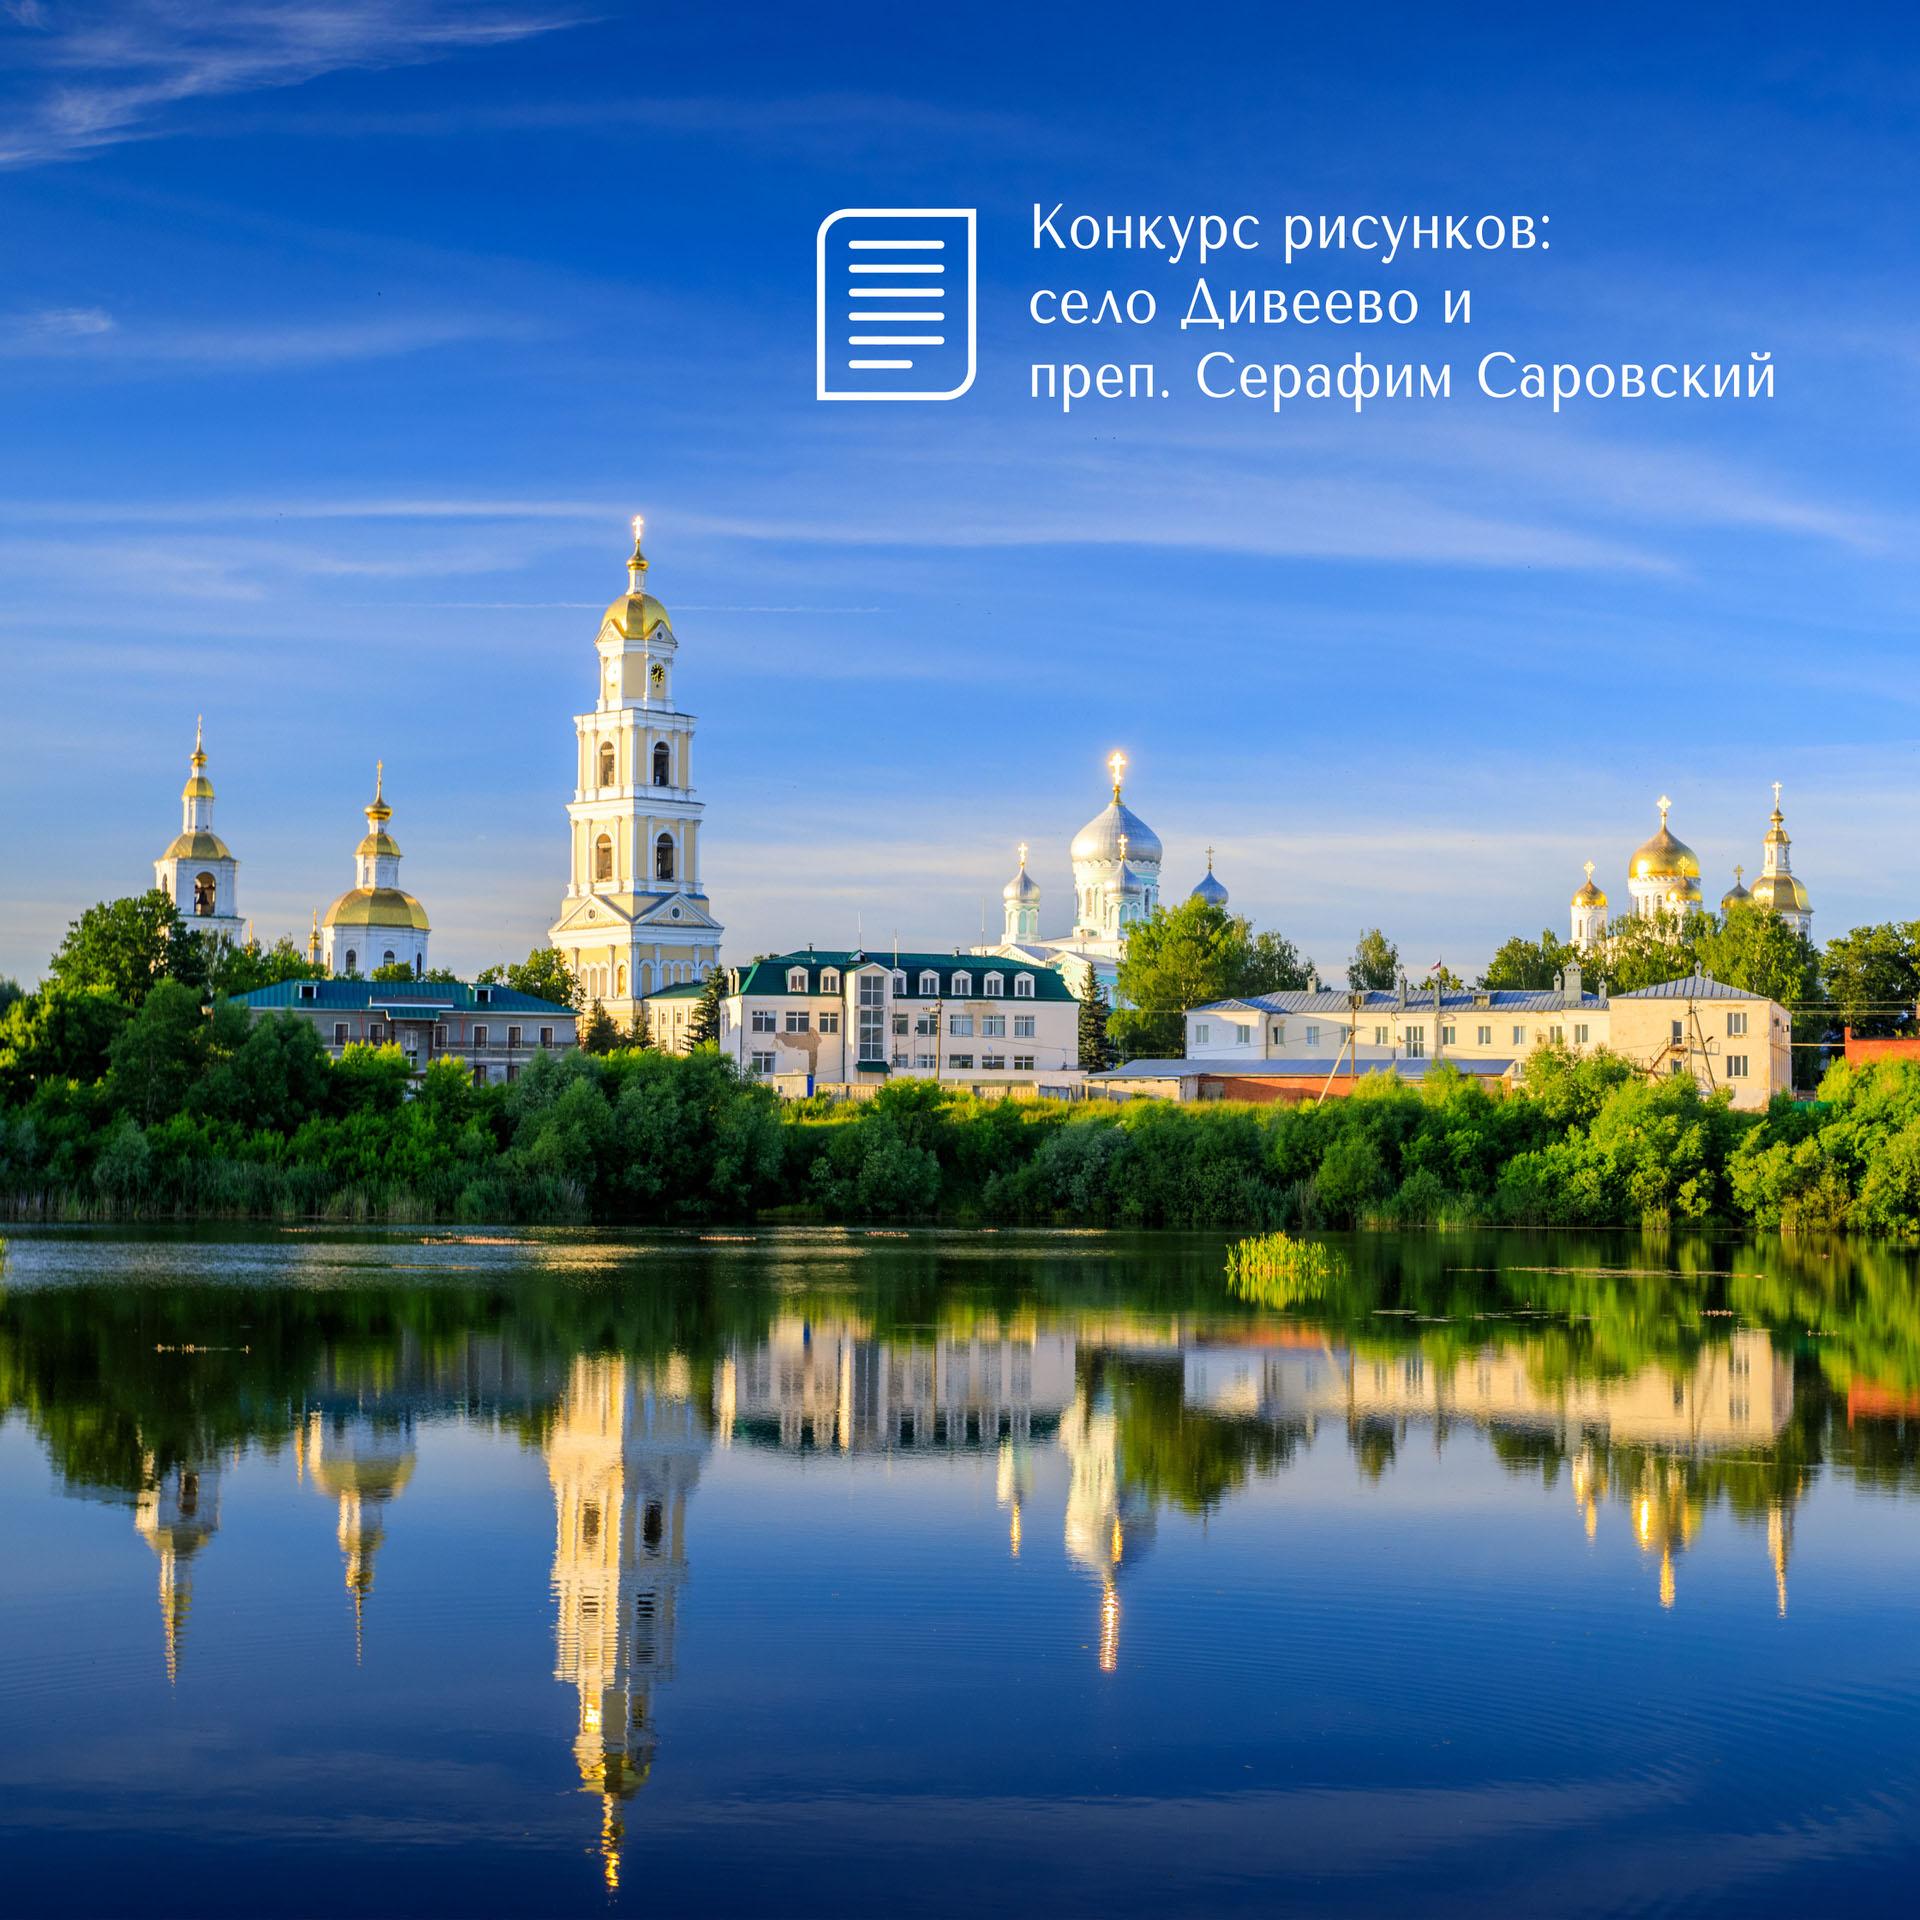 Творческий конкурс, приуроченный ко дню памяти преподобного Серафима Саровского, продлен по 19 августа